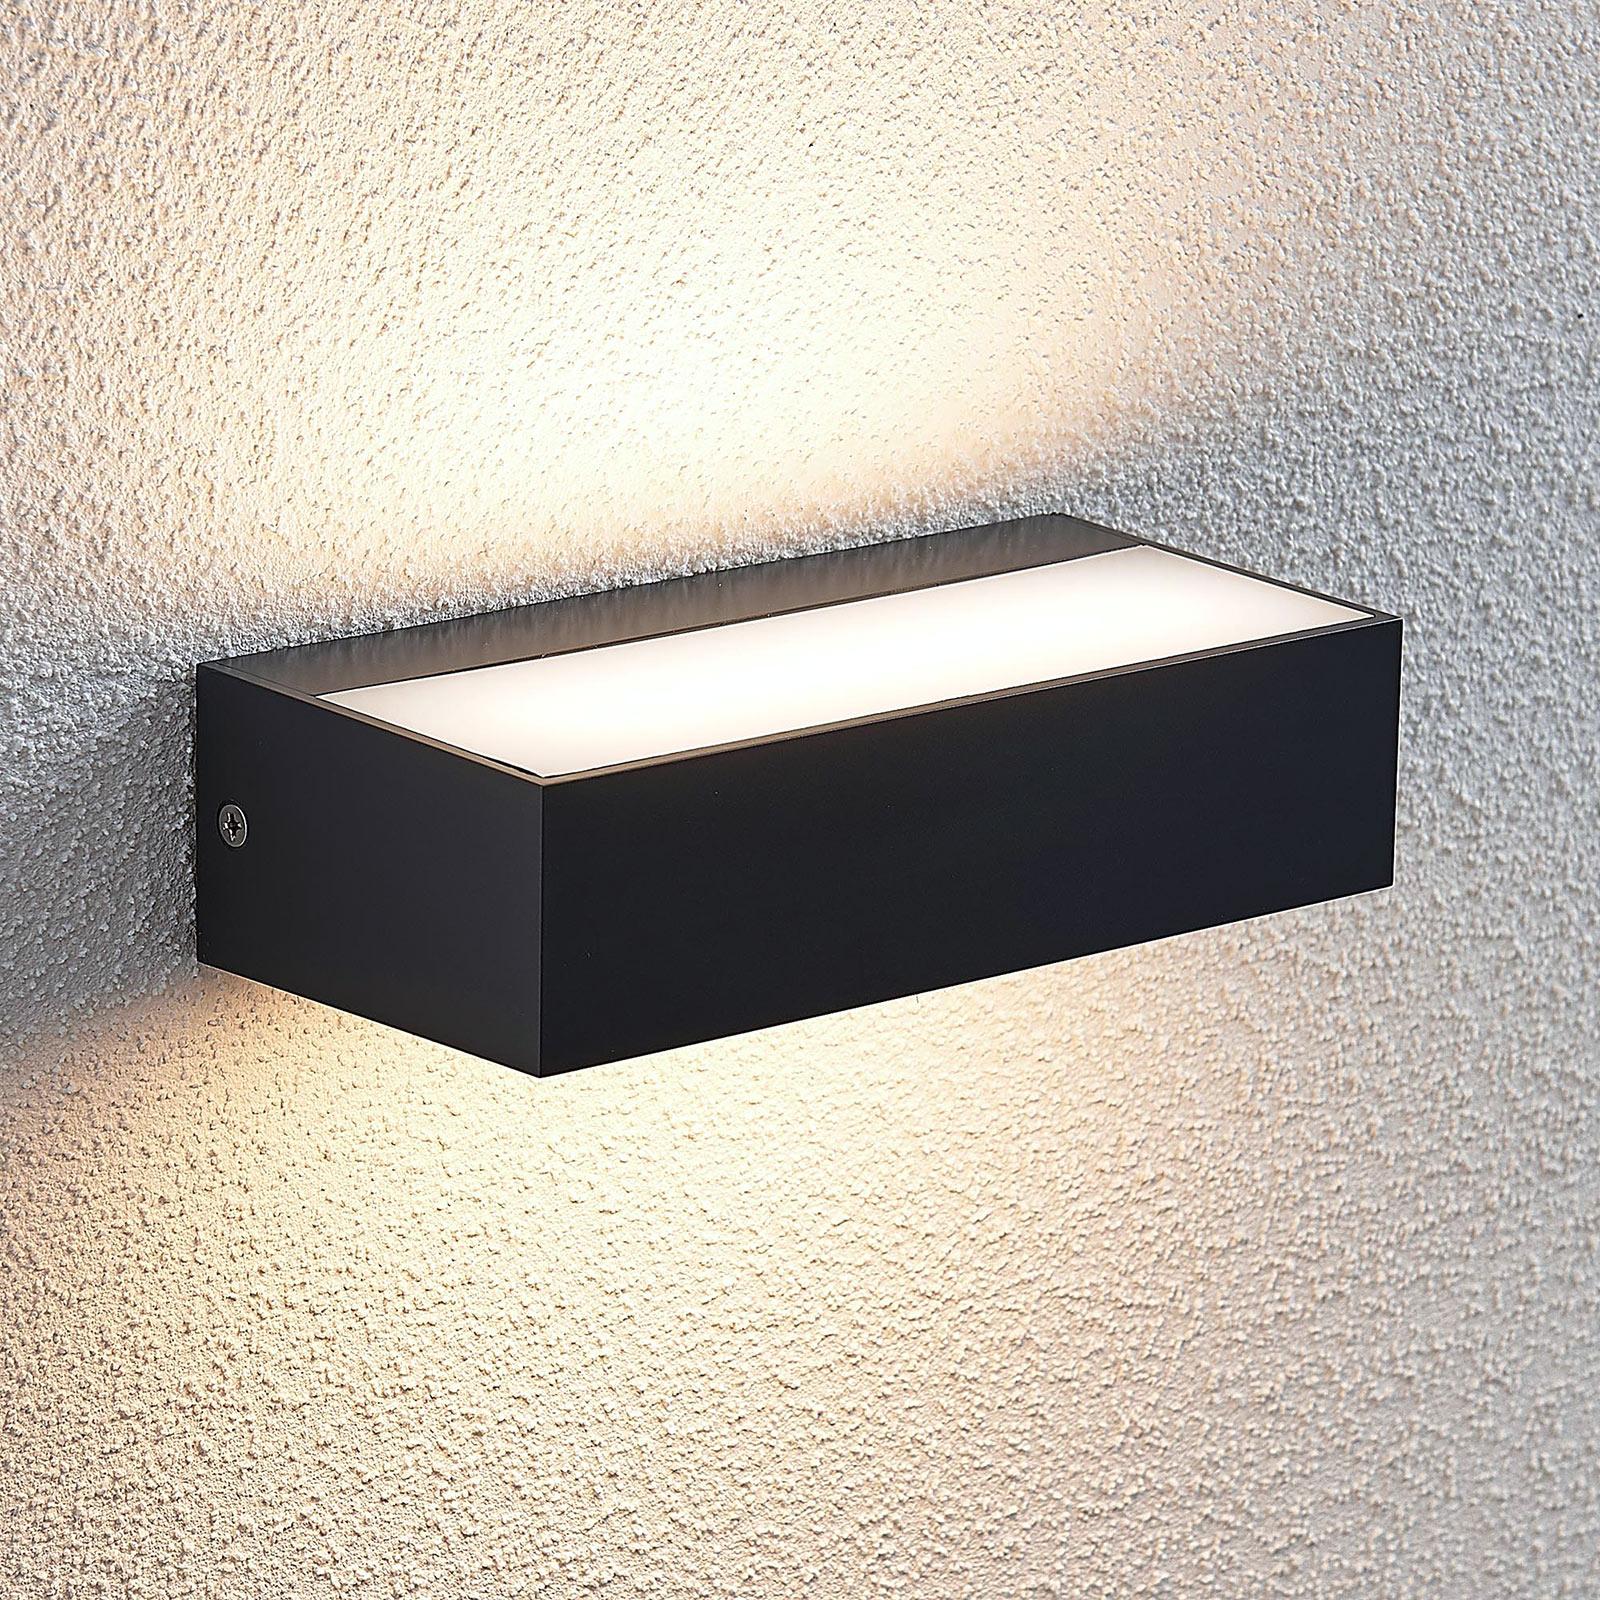 LED venkovní nástěnné svítidlo Nienke, IP65, 17 cm